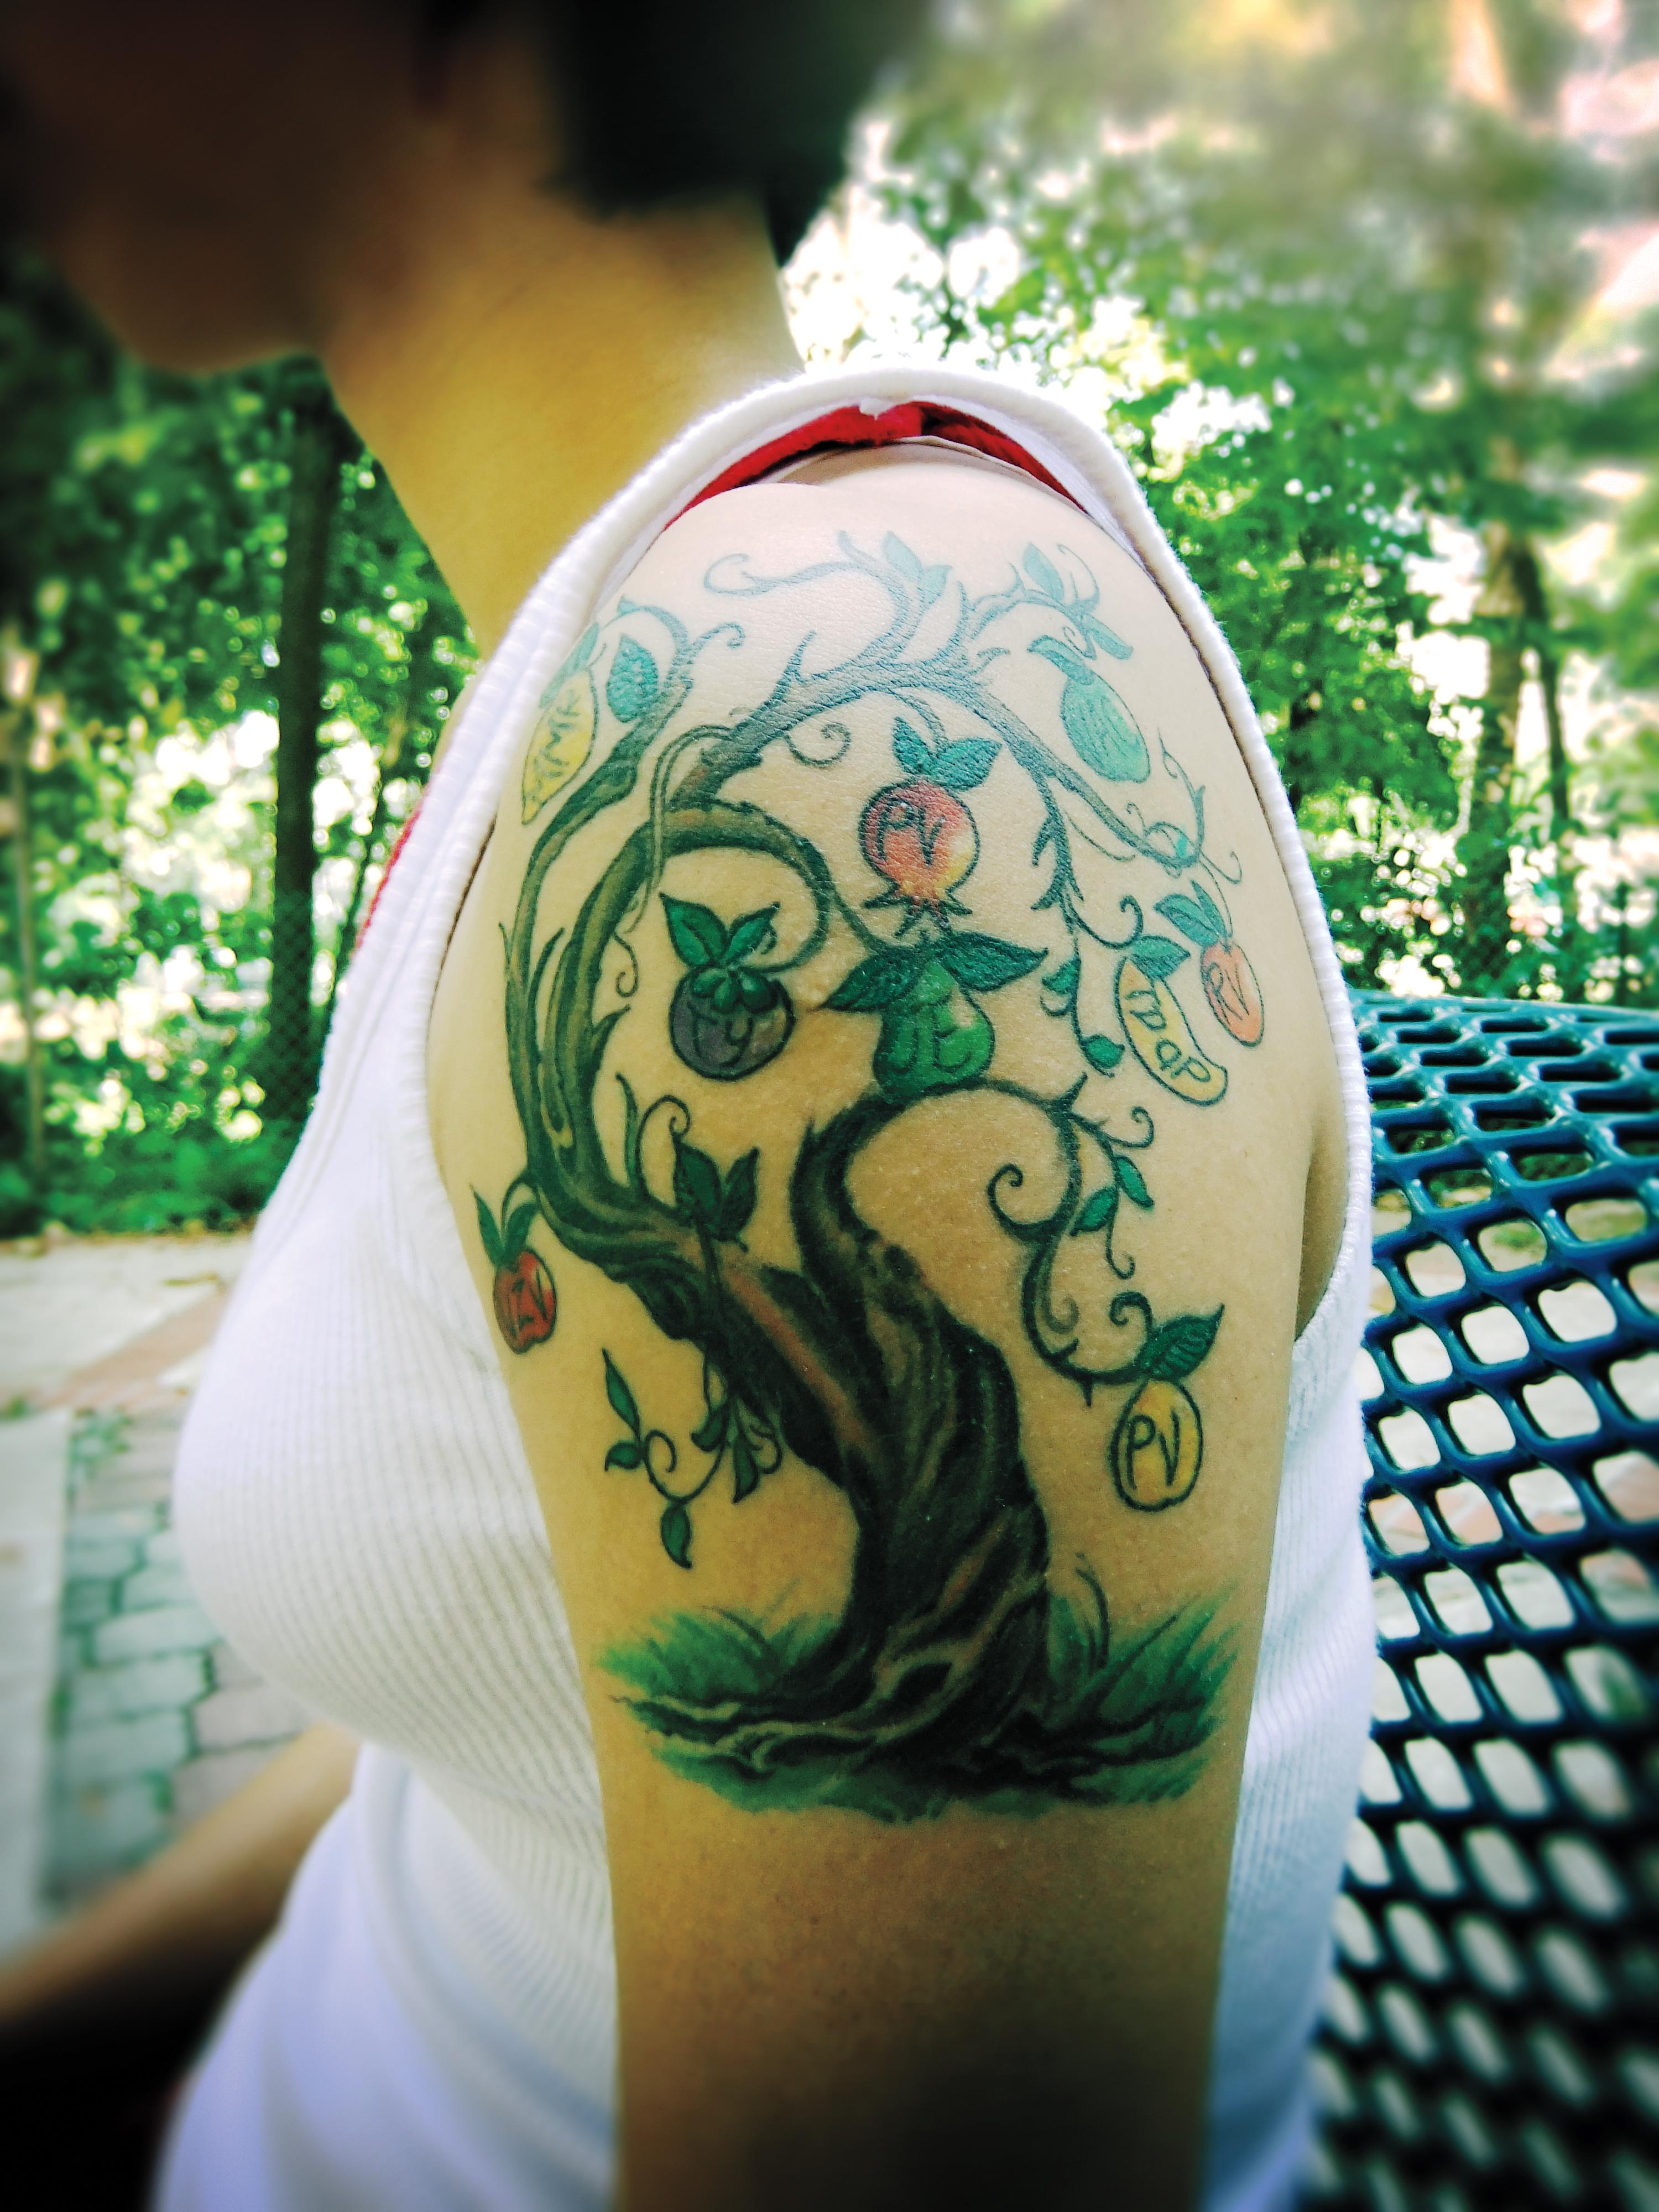 Fruit bearing tree of life tattoos